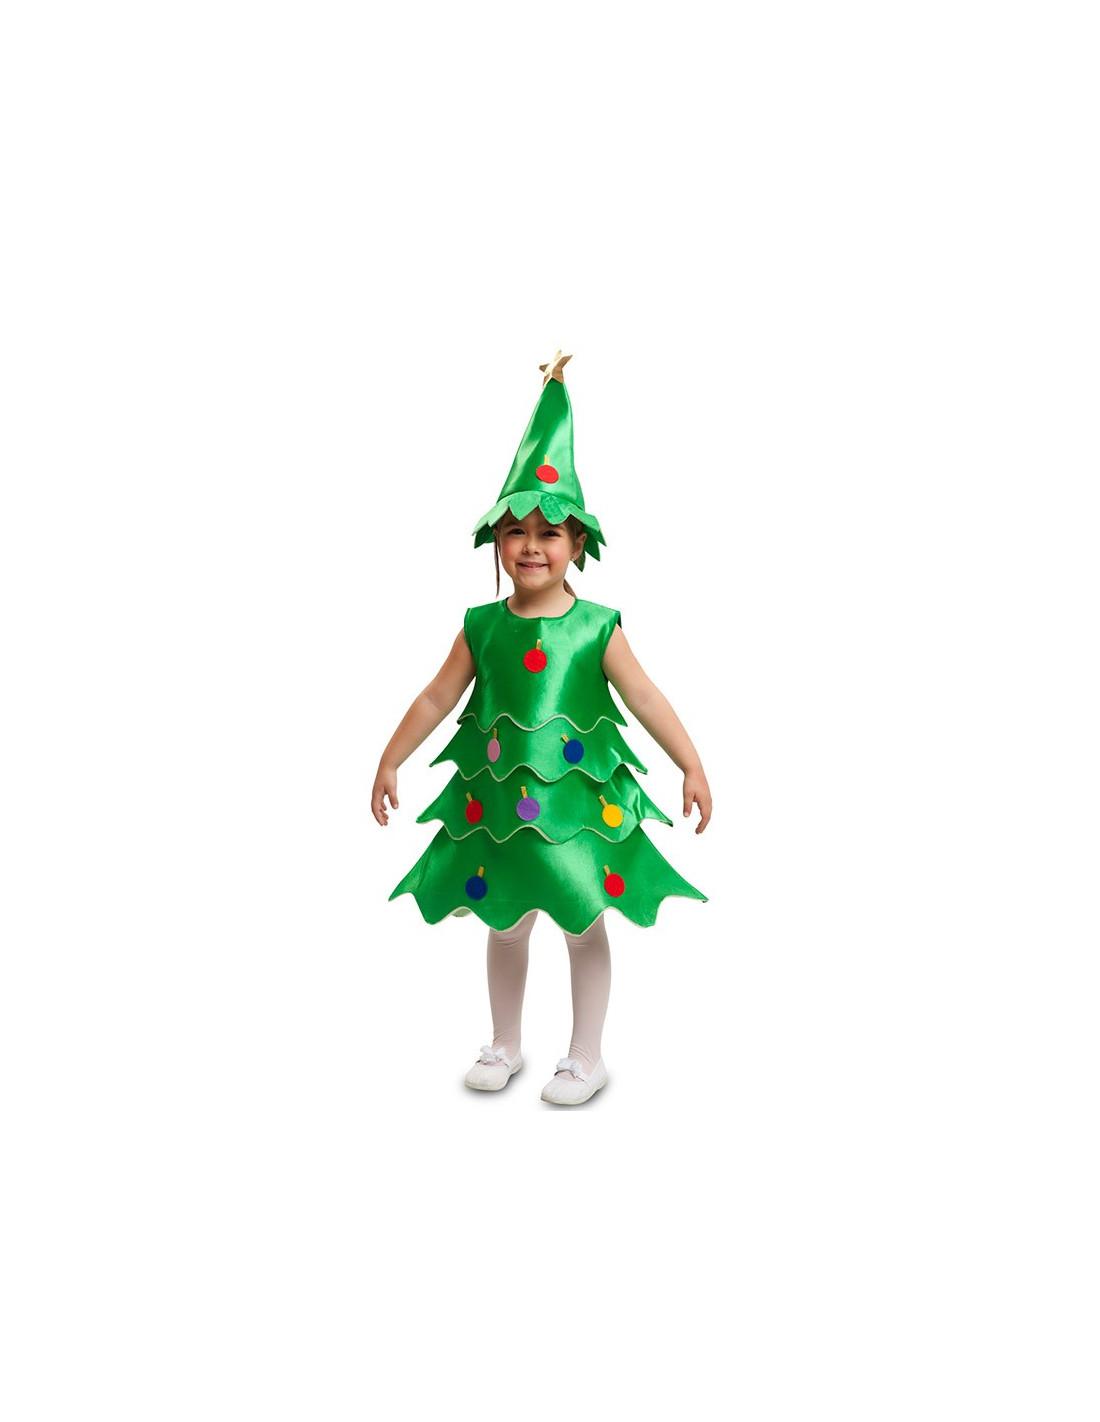 Disfraz rbol de navidad para ni a comprar en tienda - Disfraz de navidad ...